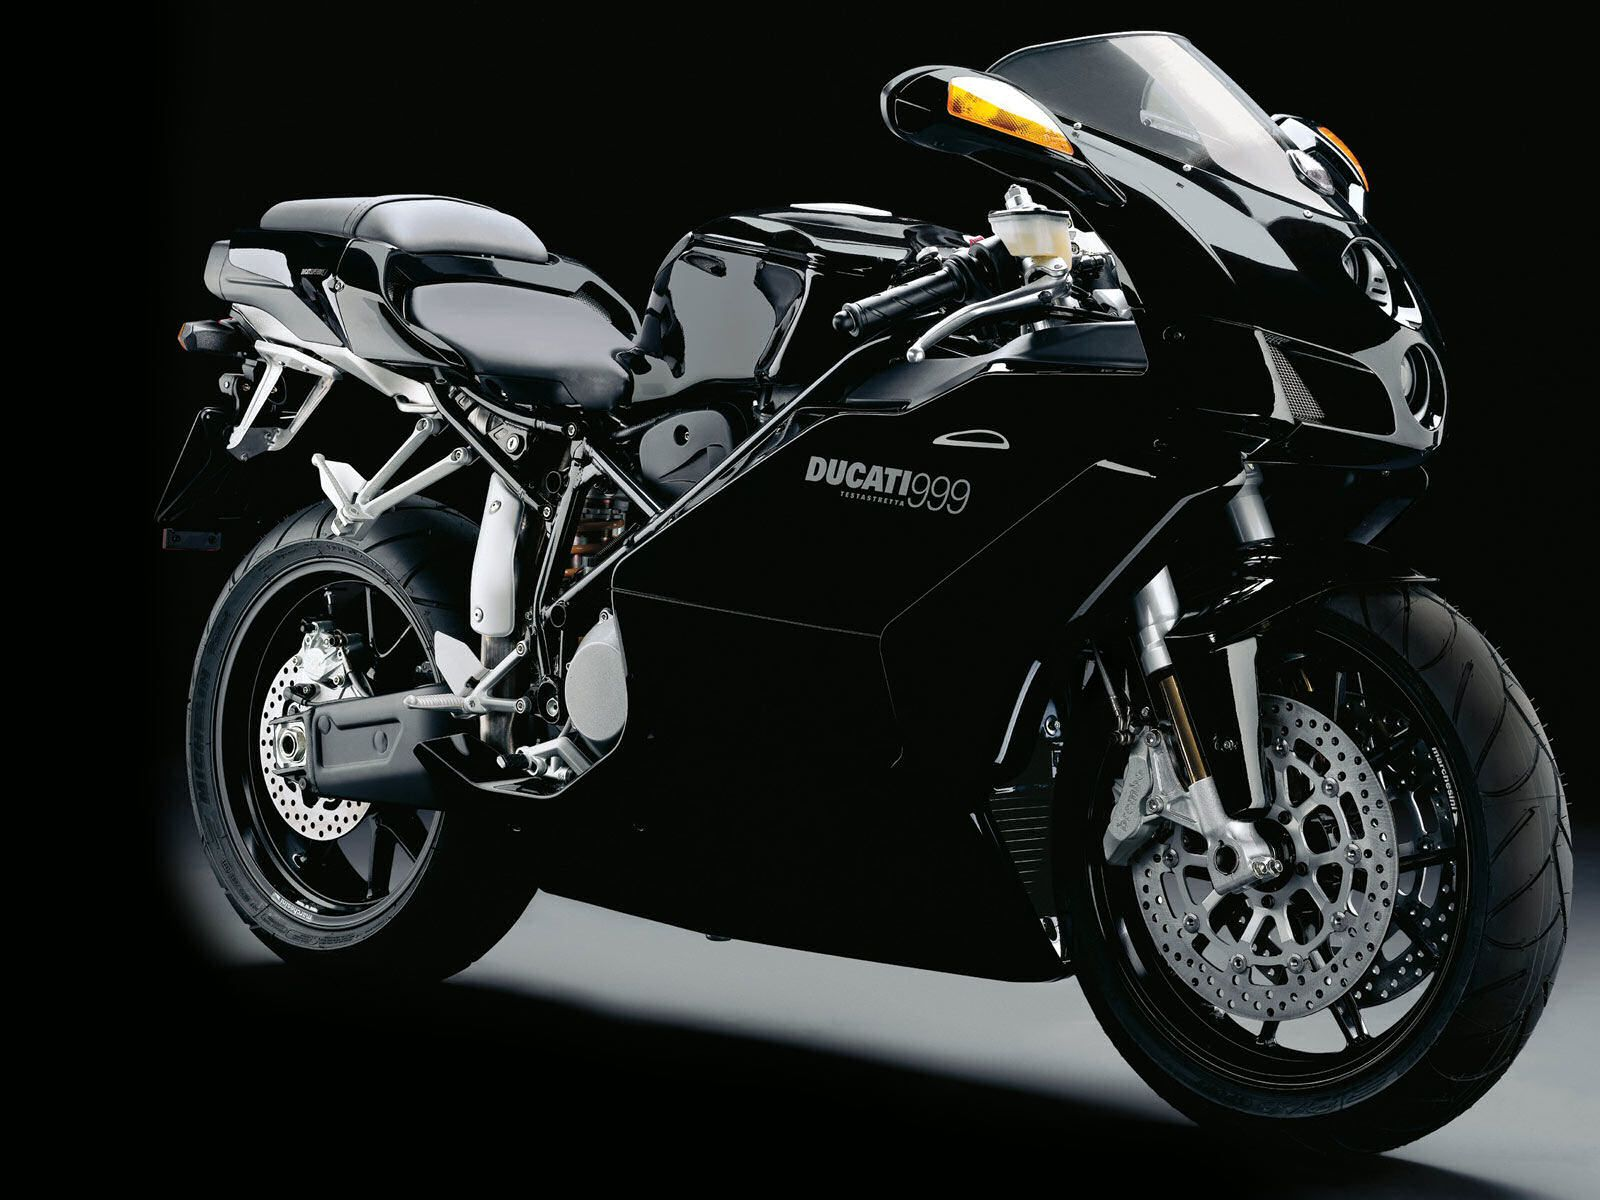 Sports Bike Ducati 999 Dark.jpeg Wallpaper